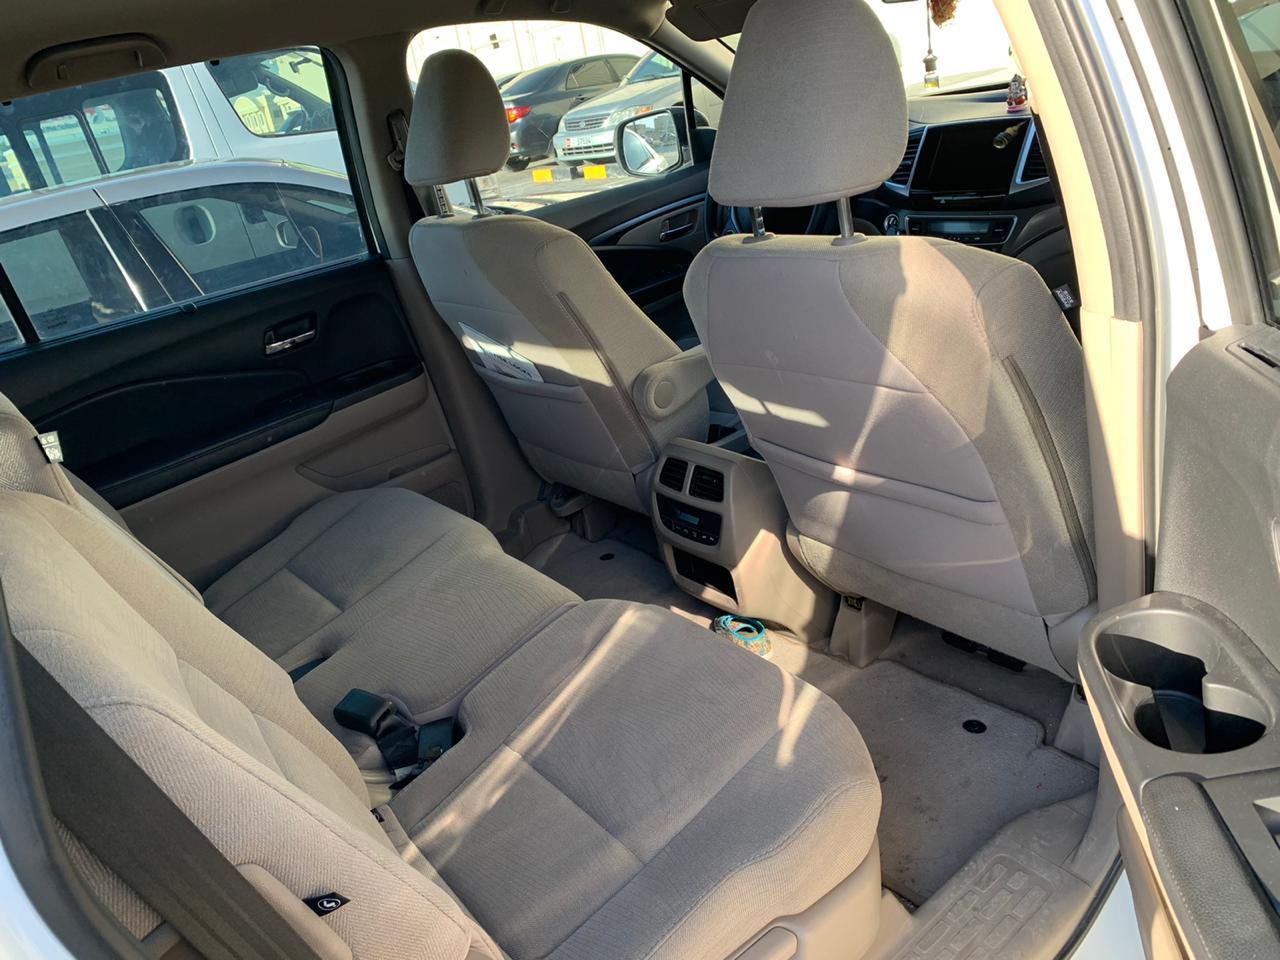 Honda_Pilot_Inside1.jpeg